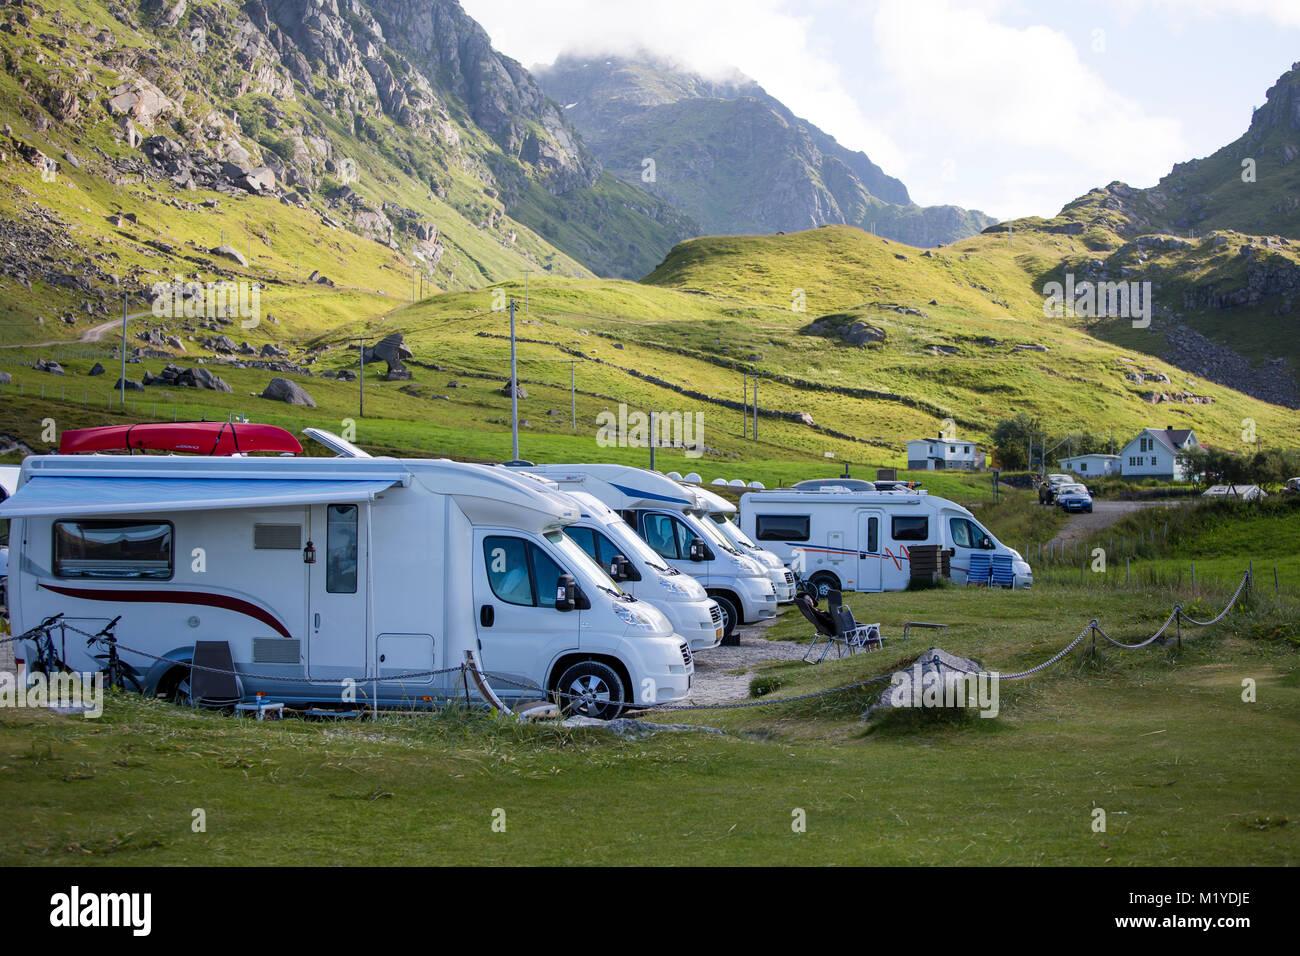 Un número de RV:s o autocaravanas son aparcamiento en el aparcamiento de la playa de Haukland, Lofoten, Noruega. Imagen De Stock